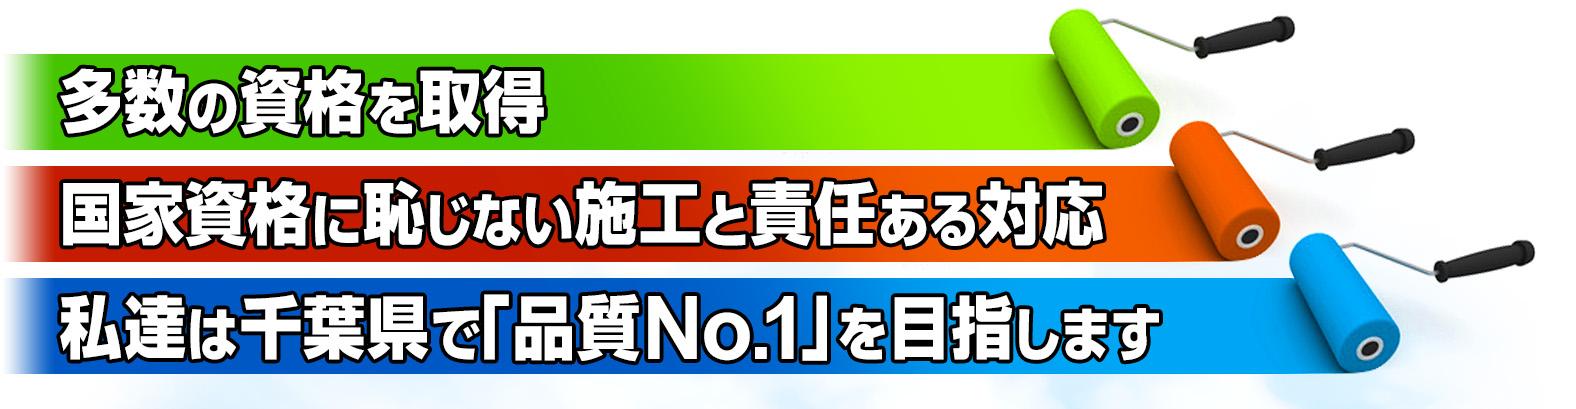 多数の資格を取得・国家資格に恥じない施工と責任ある対応。私達は千葉県で「品質No.1」を目指します